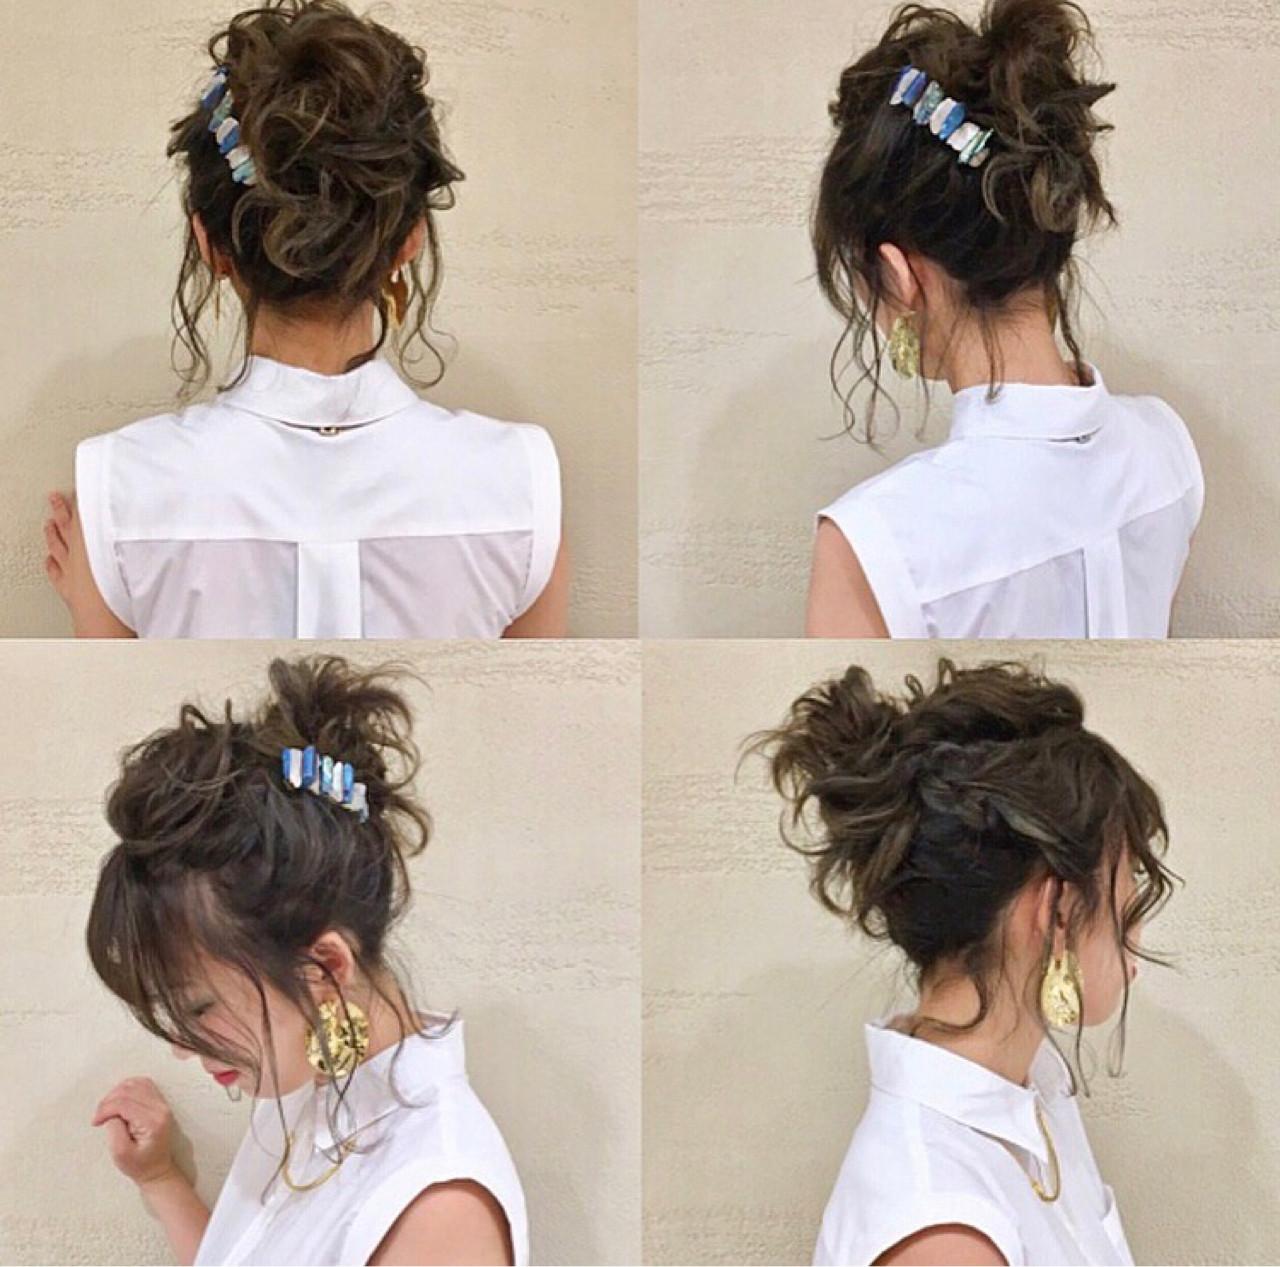 フェミニン ハイライト 前髪あり 抜け感 ヘアスタイルや髪型の写真・画像